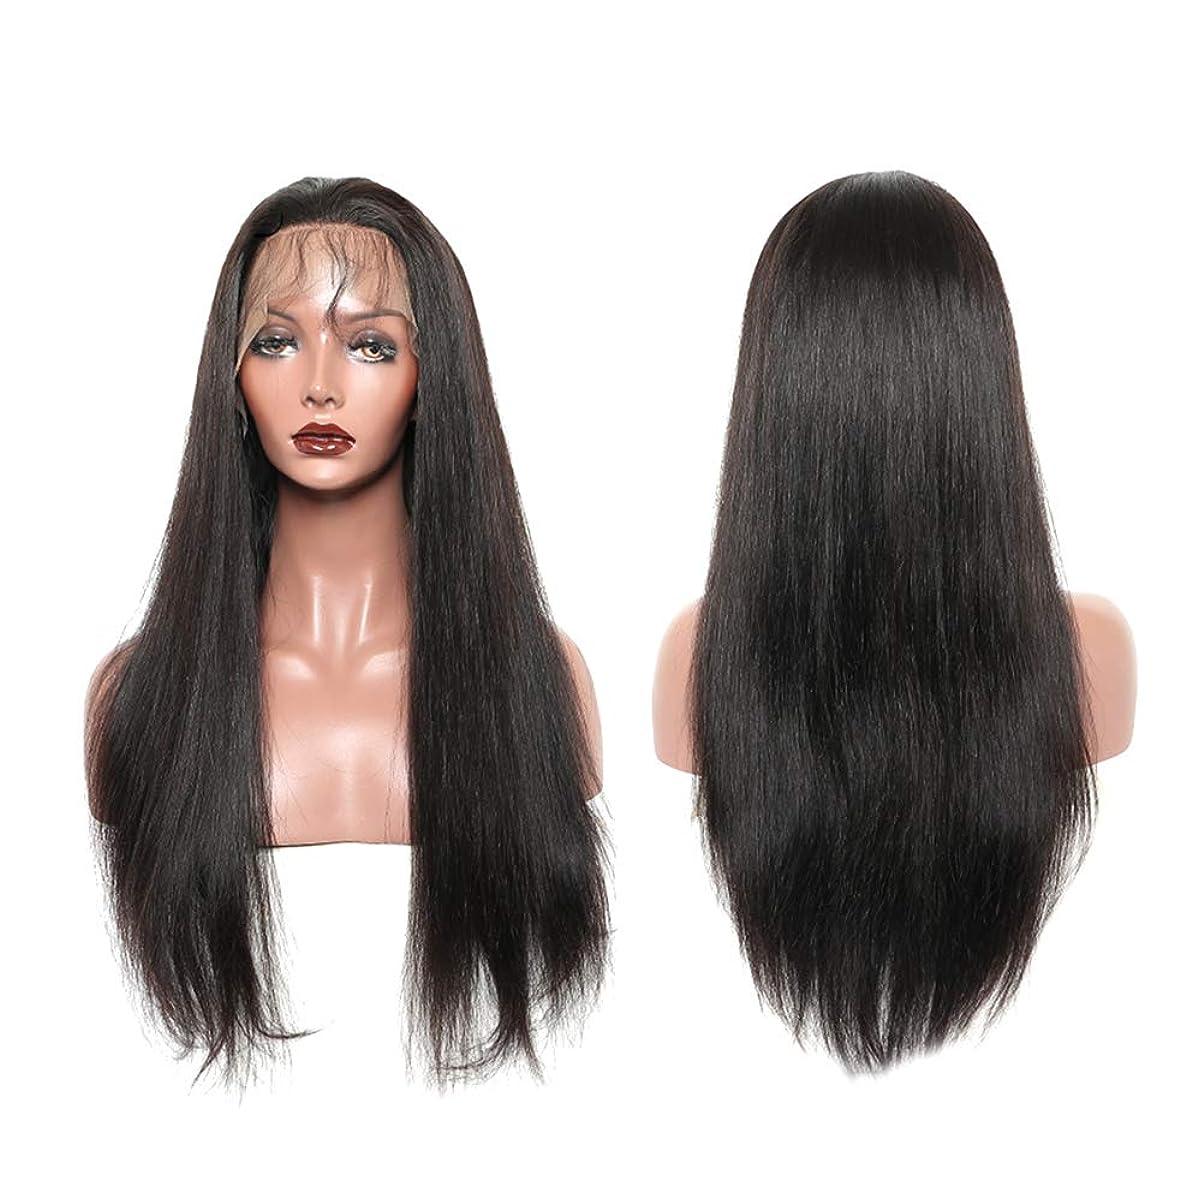 女性ファッションロングストレートヘアウィッグフロントレースヘアーウィッグ自然に見える絶妙な弾性ネットウィッグカバー(LS-110-ブラック)